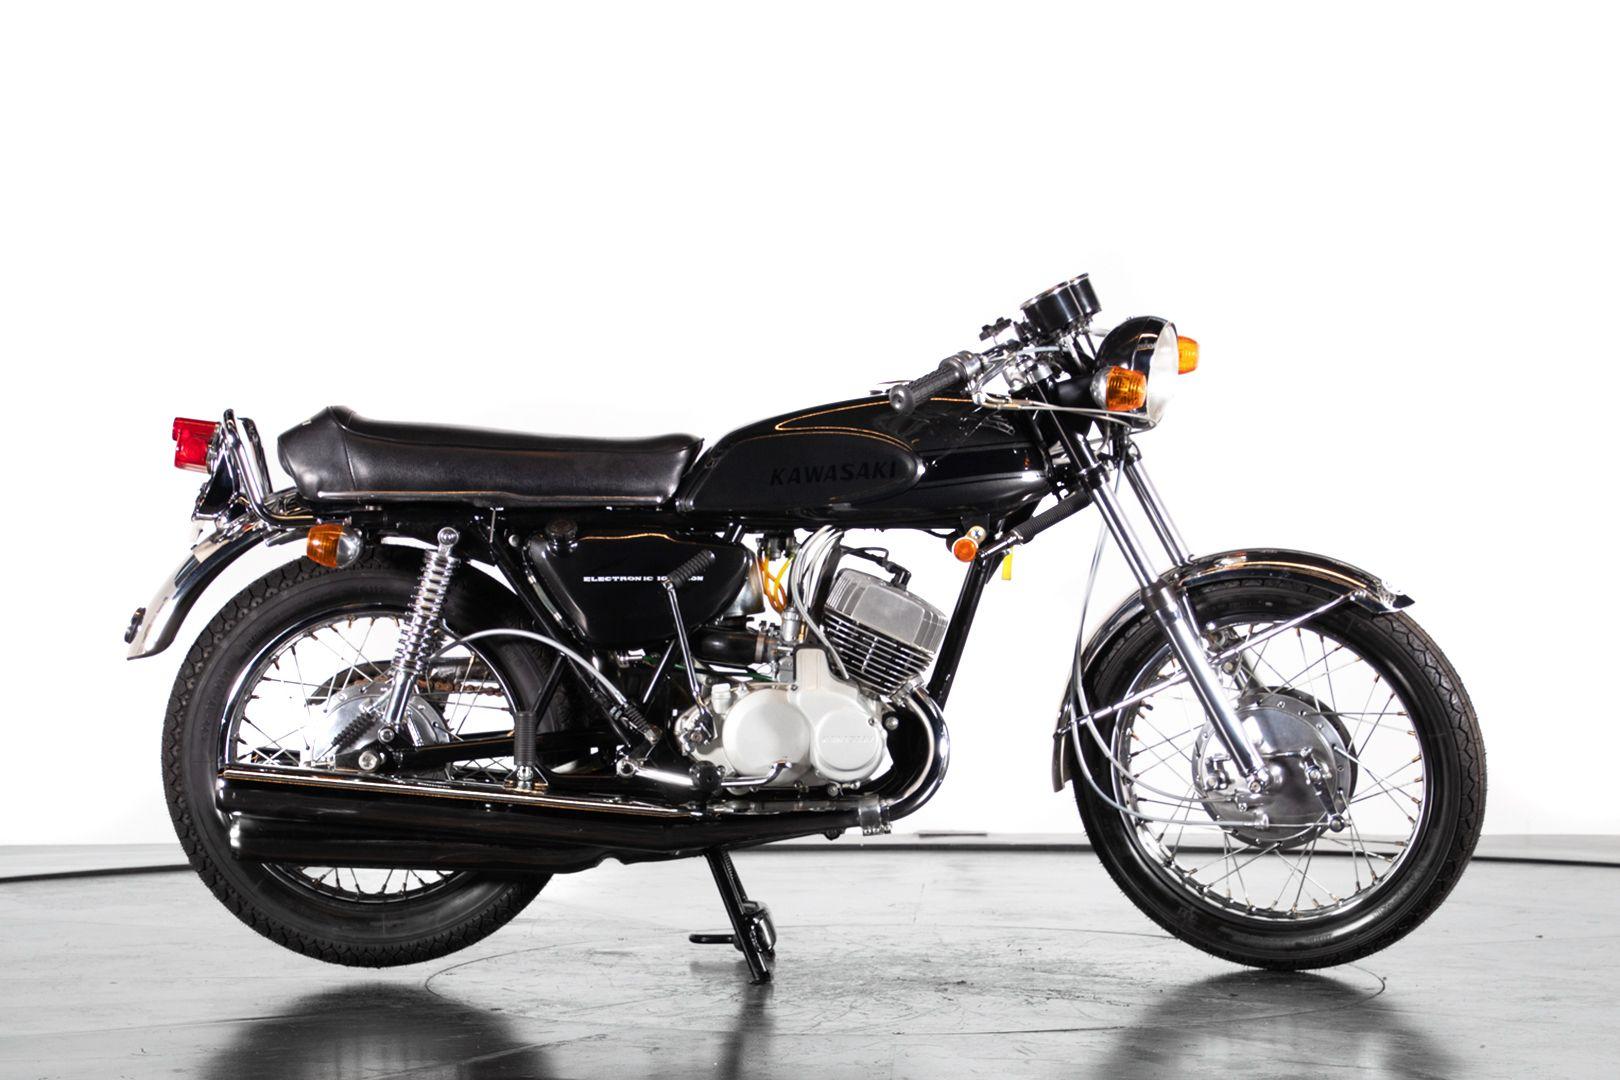 1970 Kawasaki 500 H1 44374